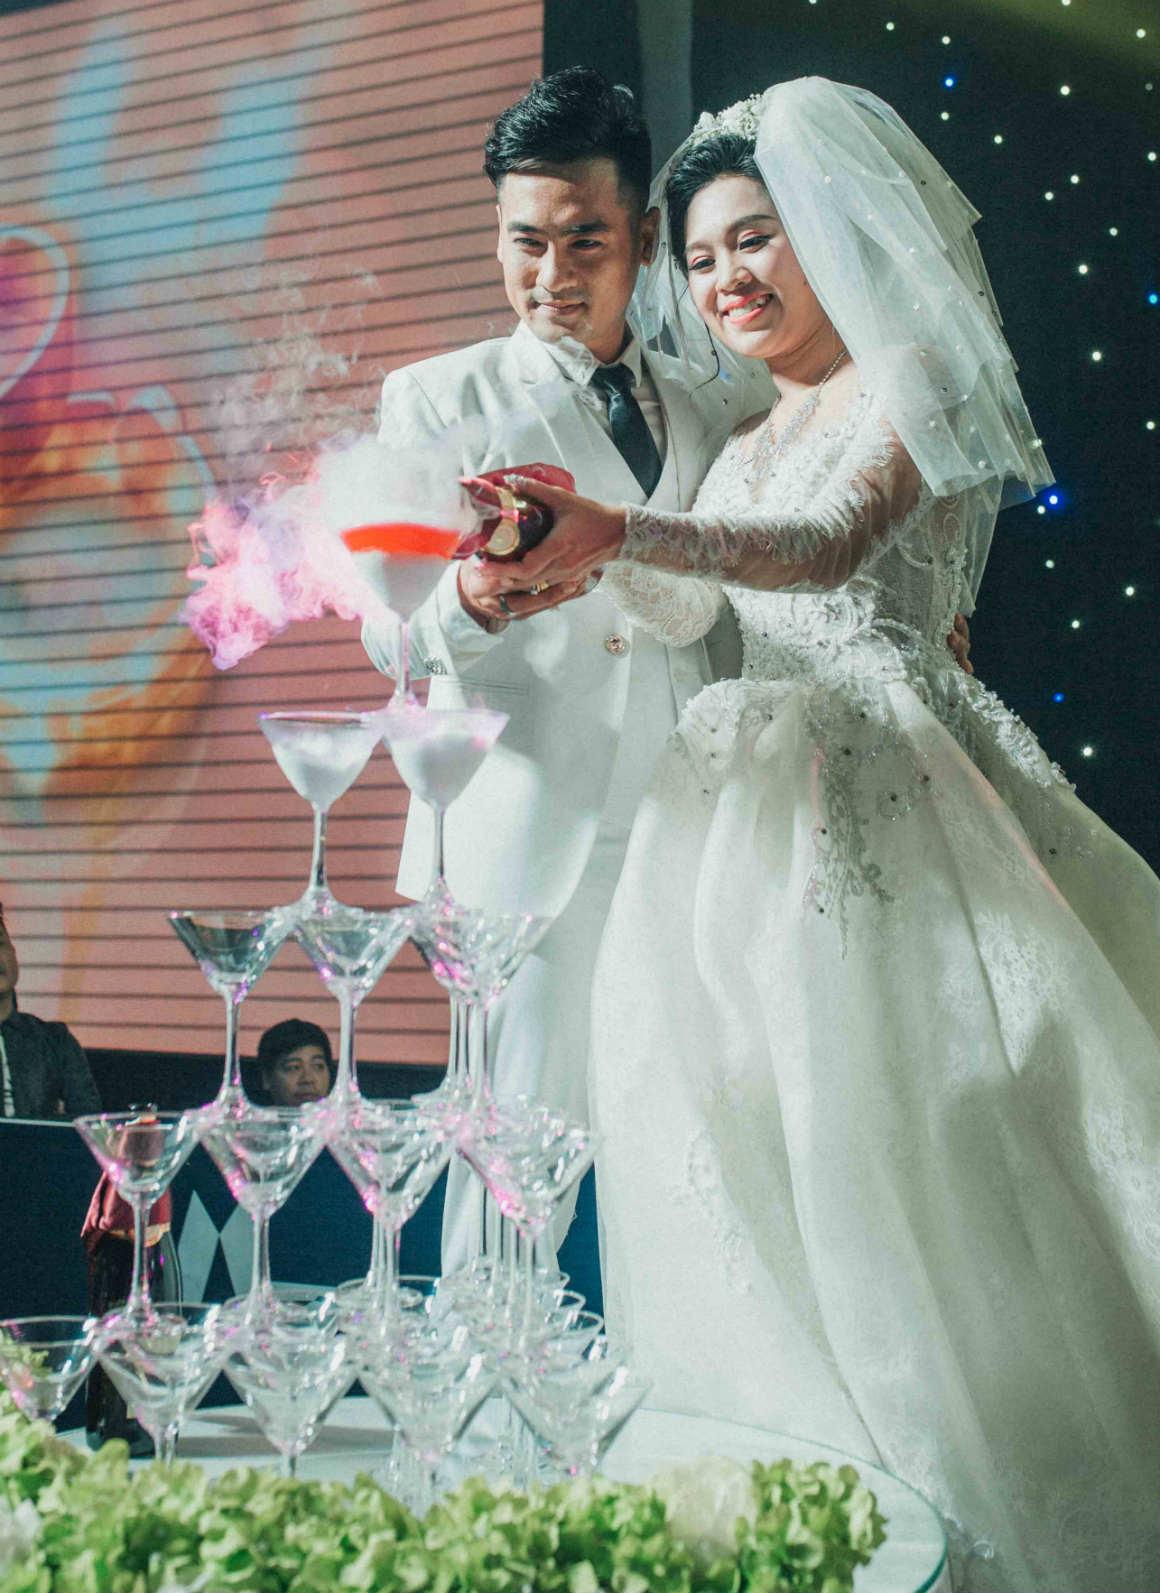 Nghệ sĩ cải lương đình đám Vũ Linh tái ngộ Thoại Mỹ trong đám cưới cháu gái - Ảnh 1